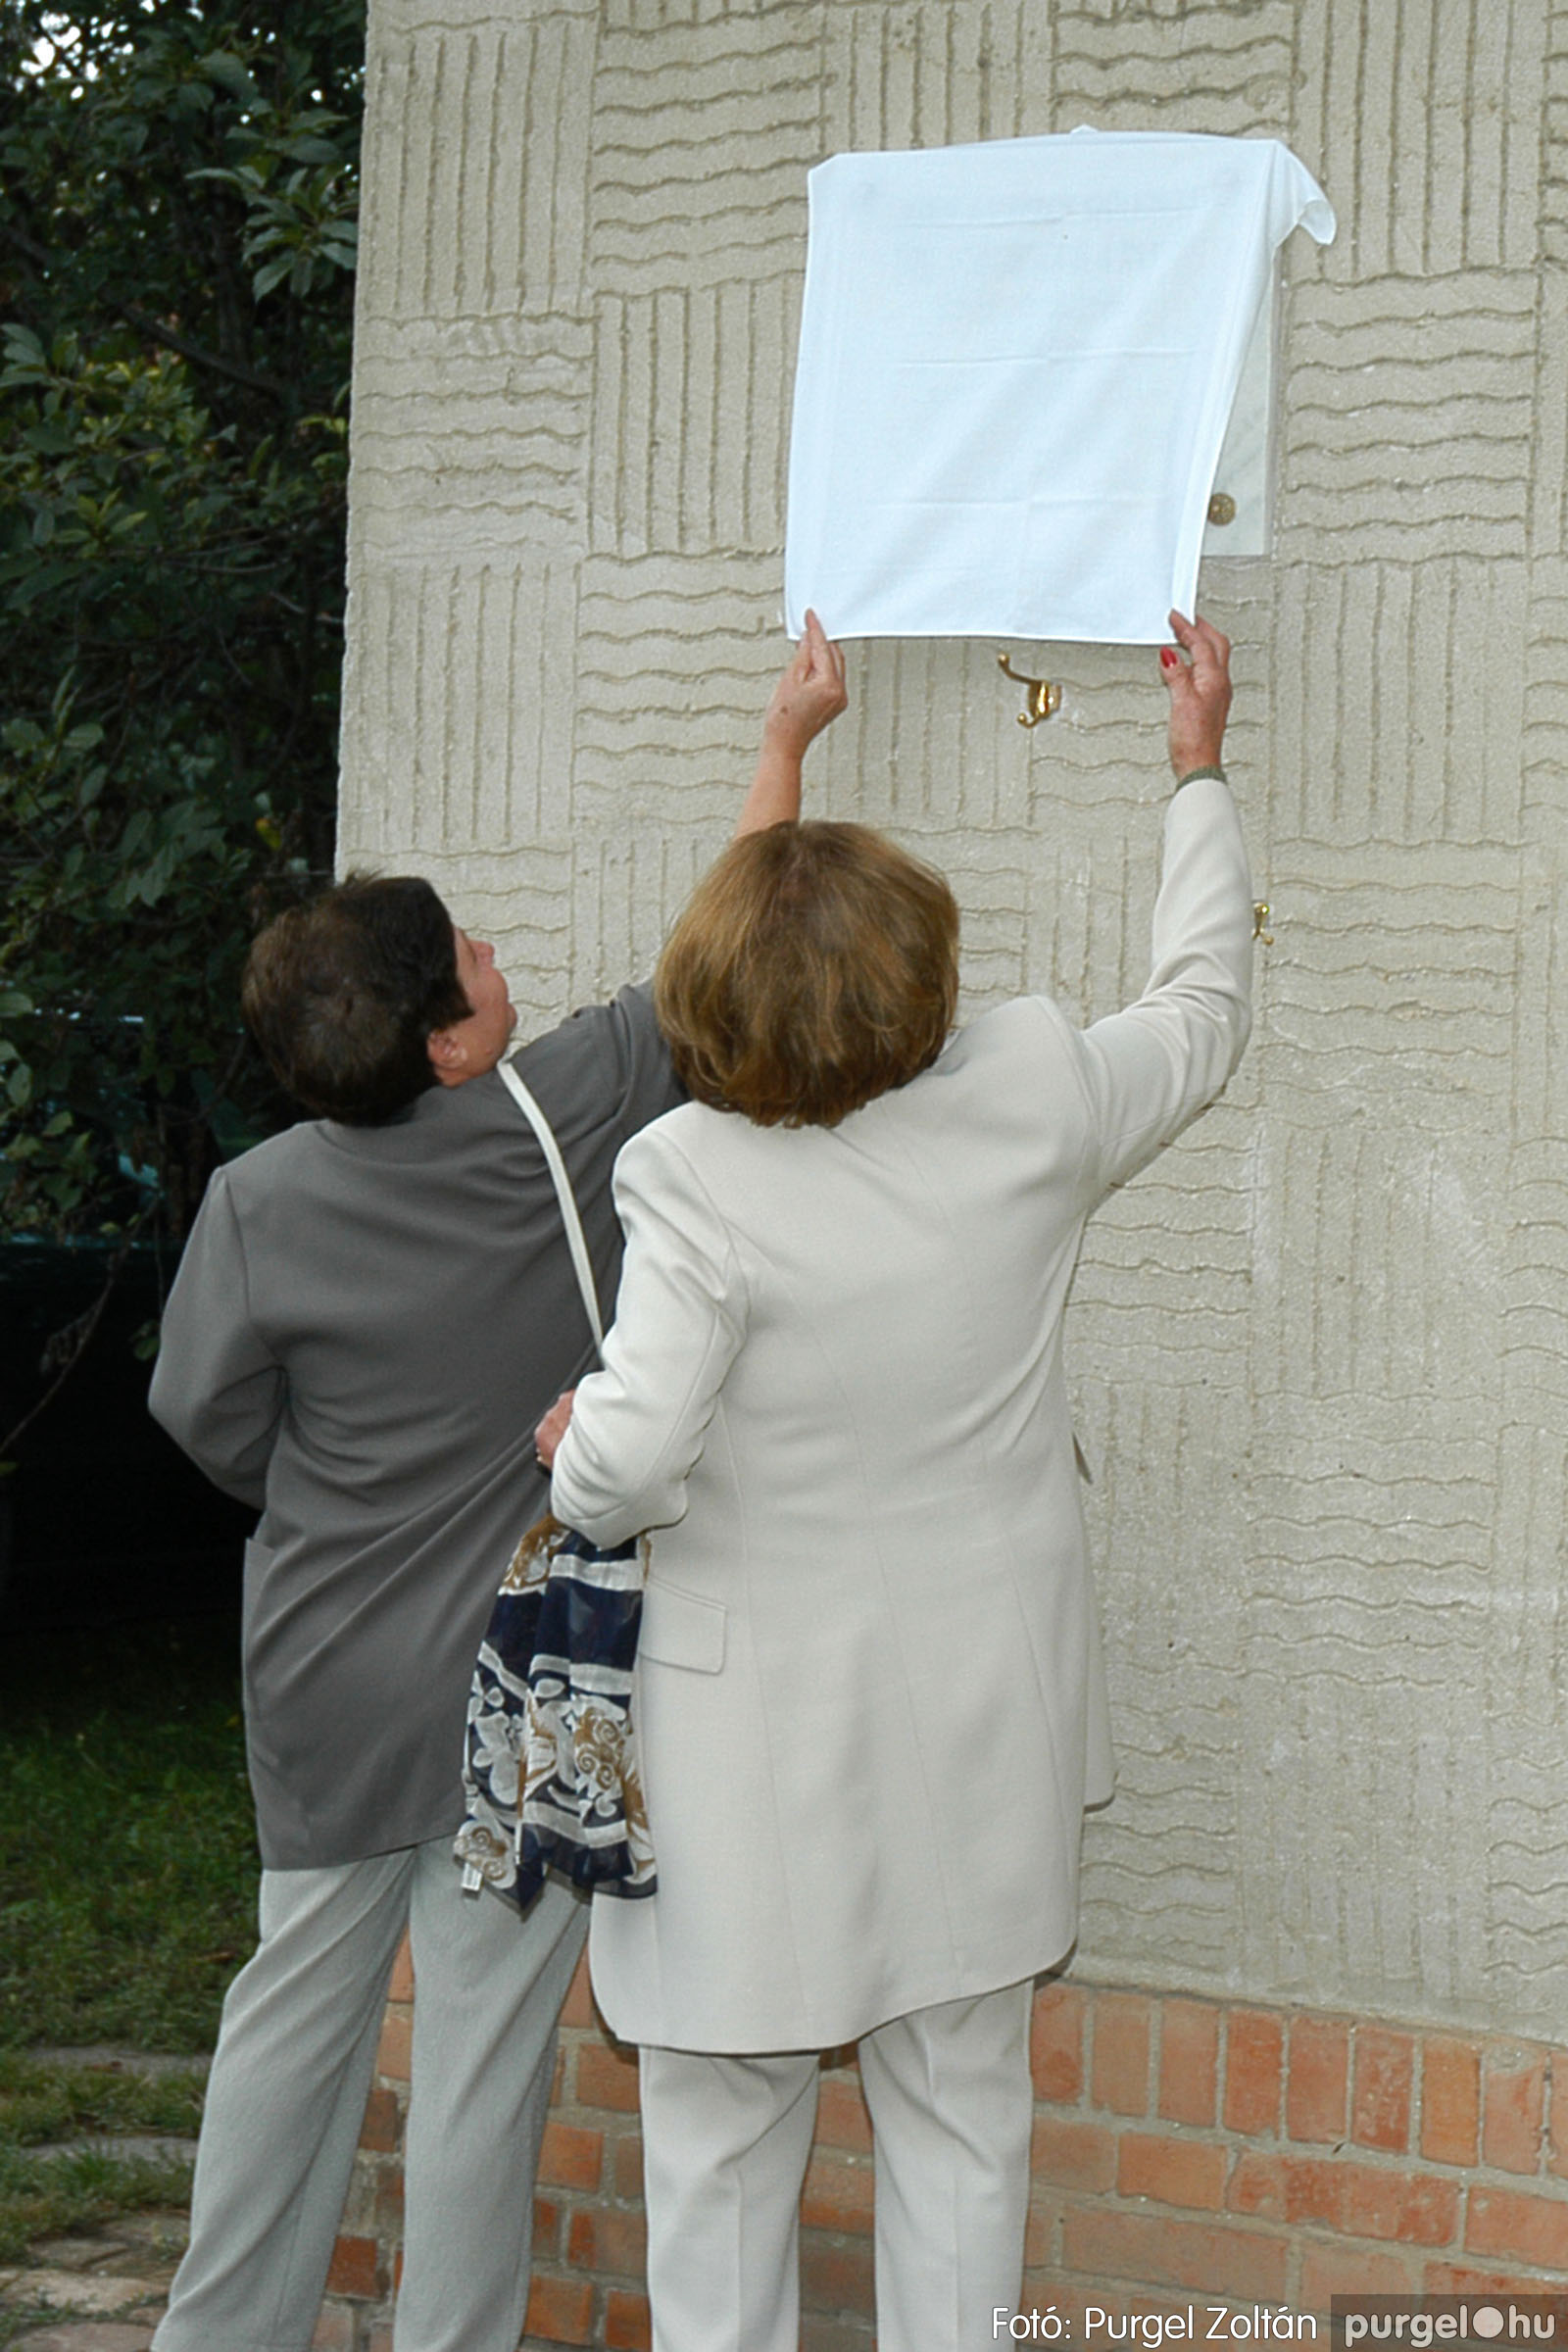 2004.09.25. 005 Dr. Csergő Károly alispán és kora című kiállítás és emléktábla avatás - Fotó:P. Z.©.jpg